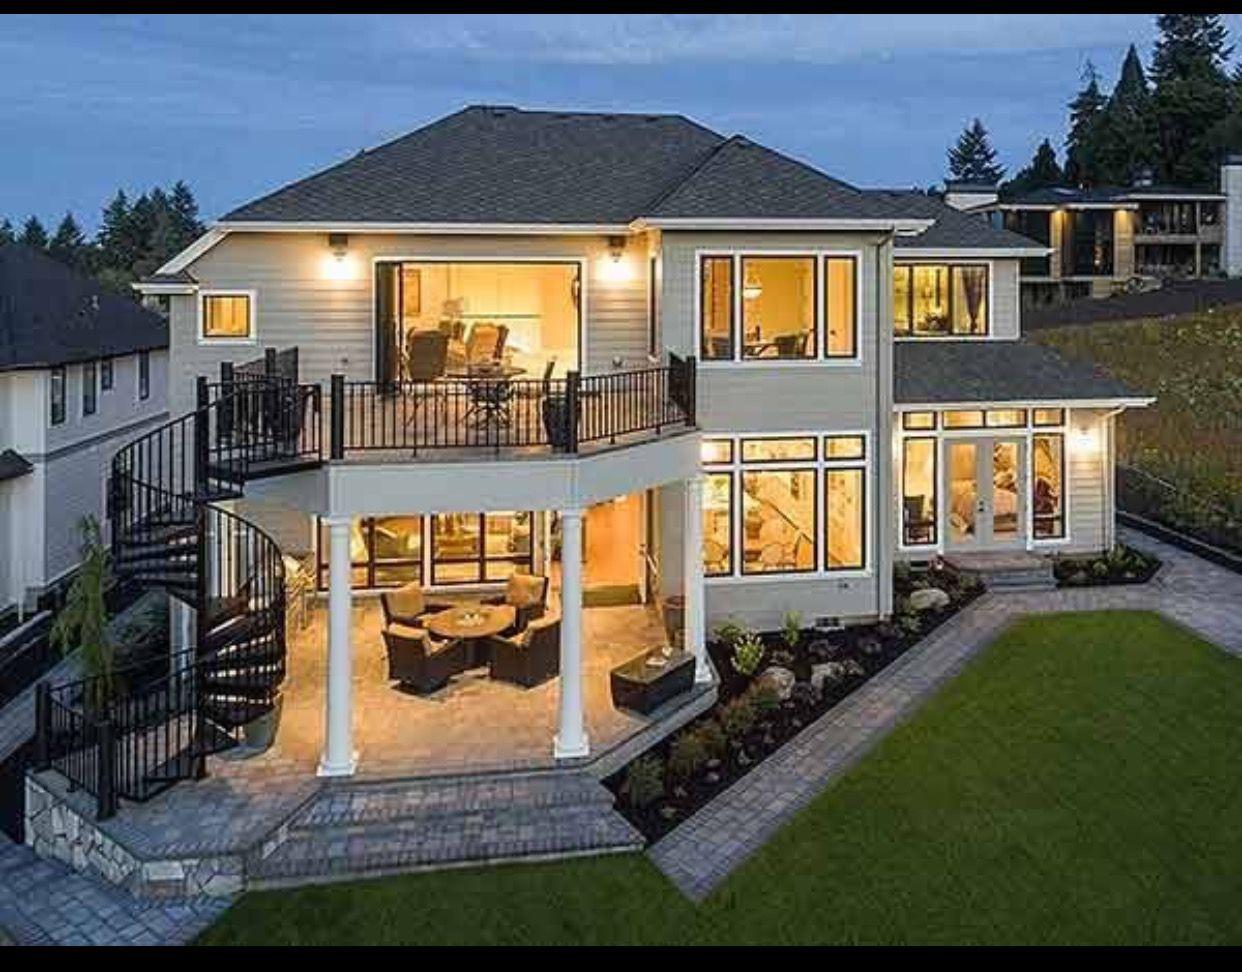 Walmdach Moderne Architektur pin tina deatley auf home